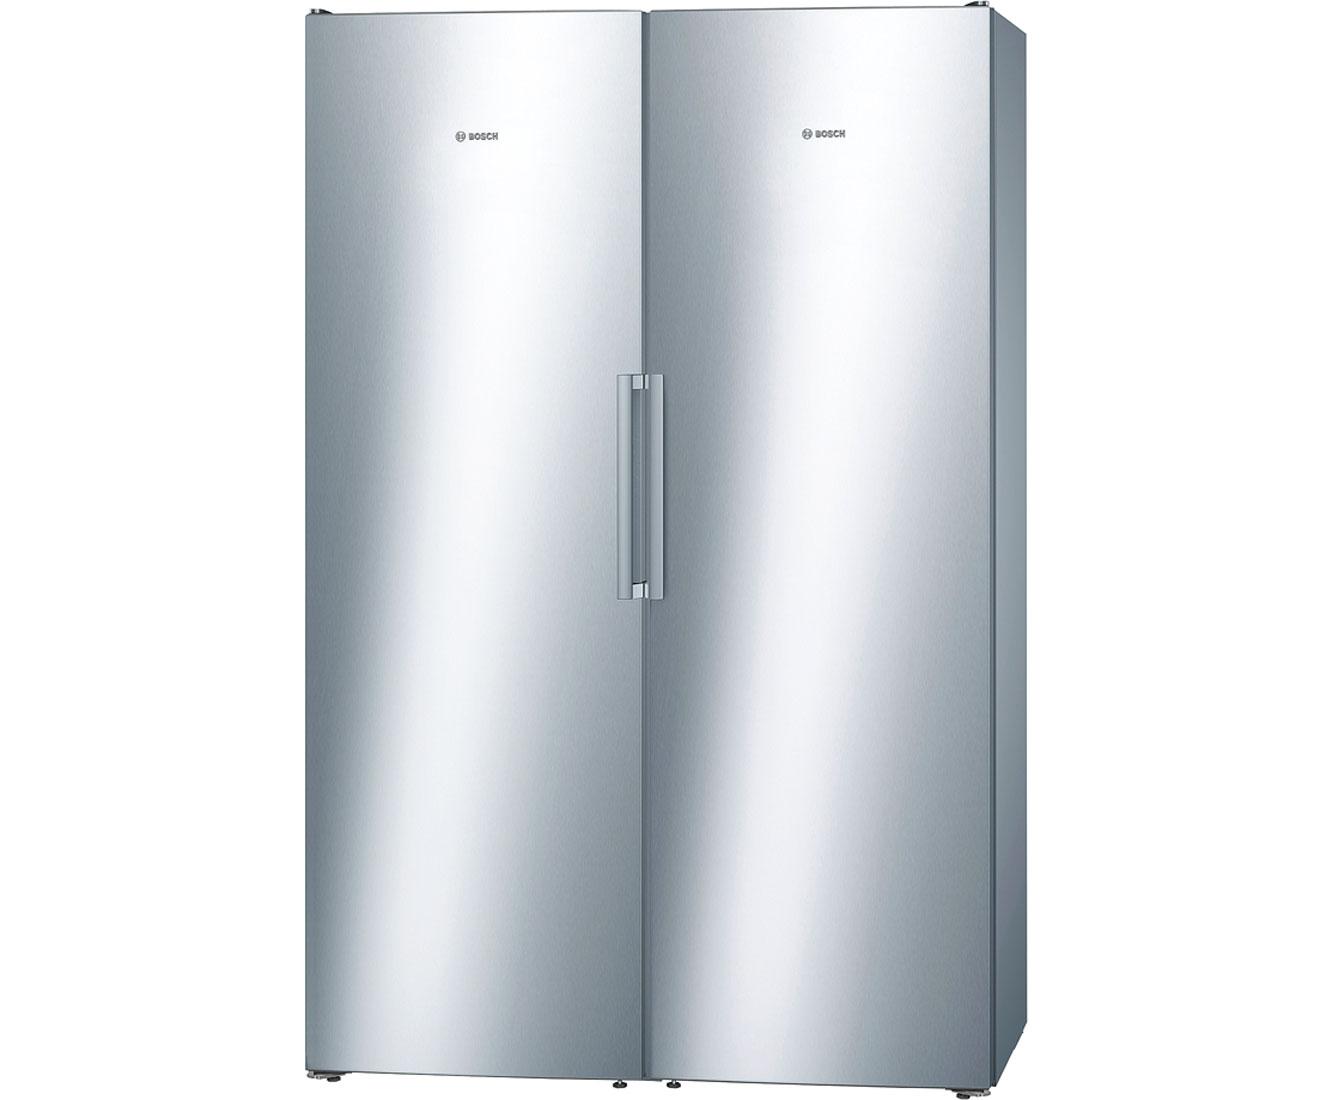 Side By Side Kühlschrank Bosch Schwarz : Side by side kühlschrank bosch a: bosch amerikanischer kühlschrank